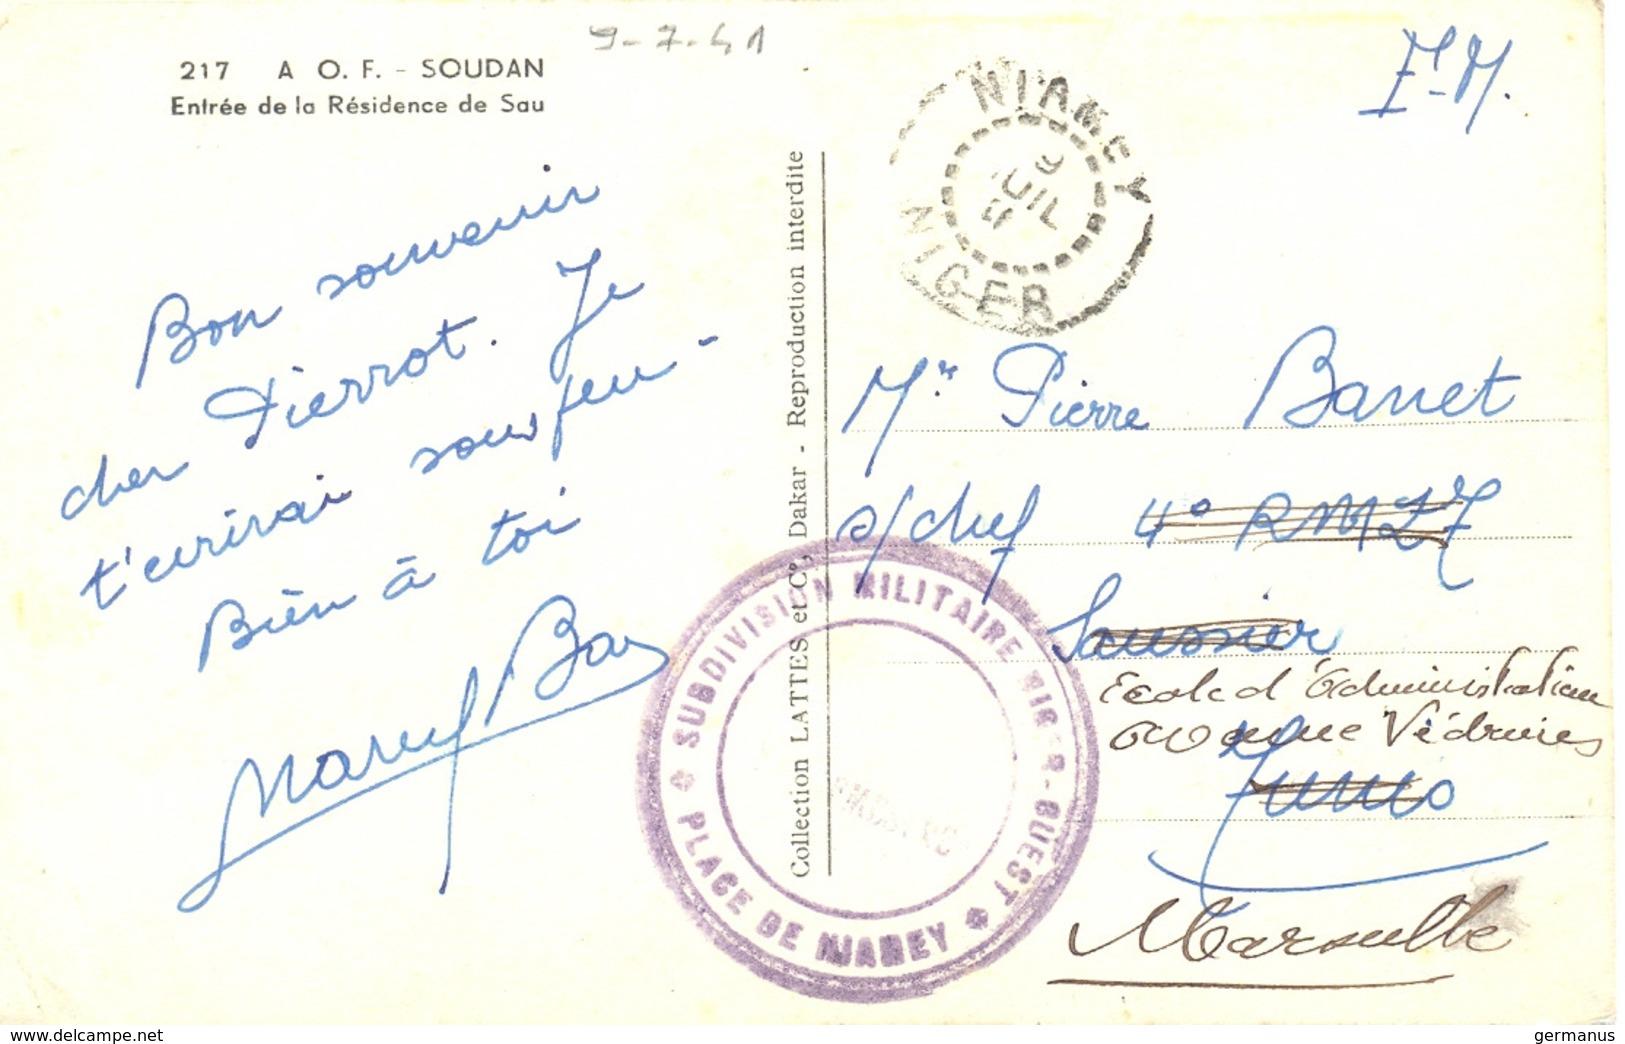 GUERRE 39-45 DIVISION MILITAIRE NIGER-OUEST * PLACE DE NIAMEY * NIGER TàD 9 JUIL 41 - Guerra De 1939-45